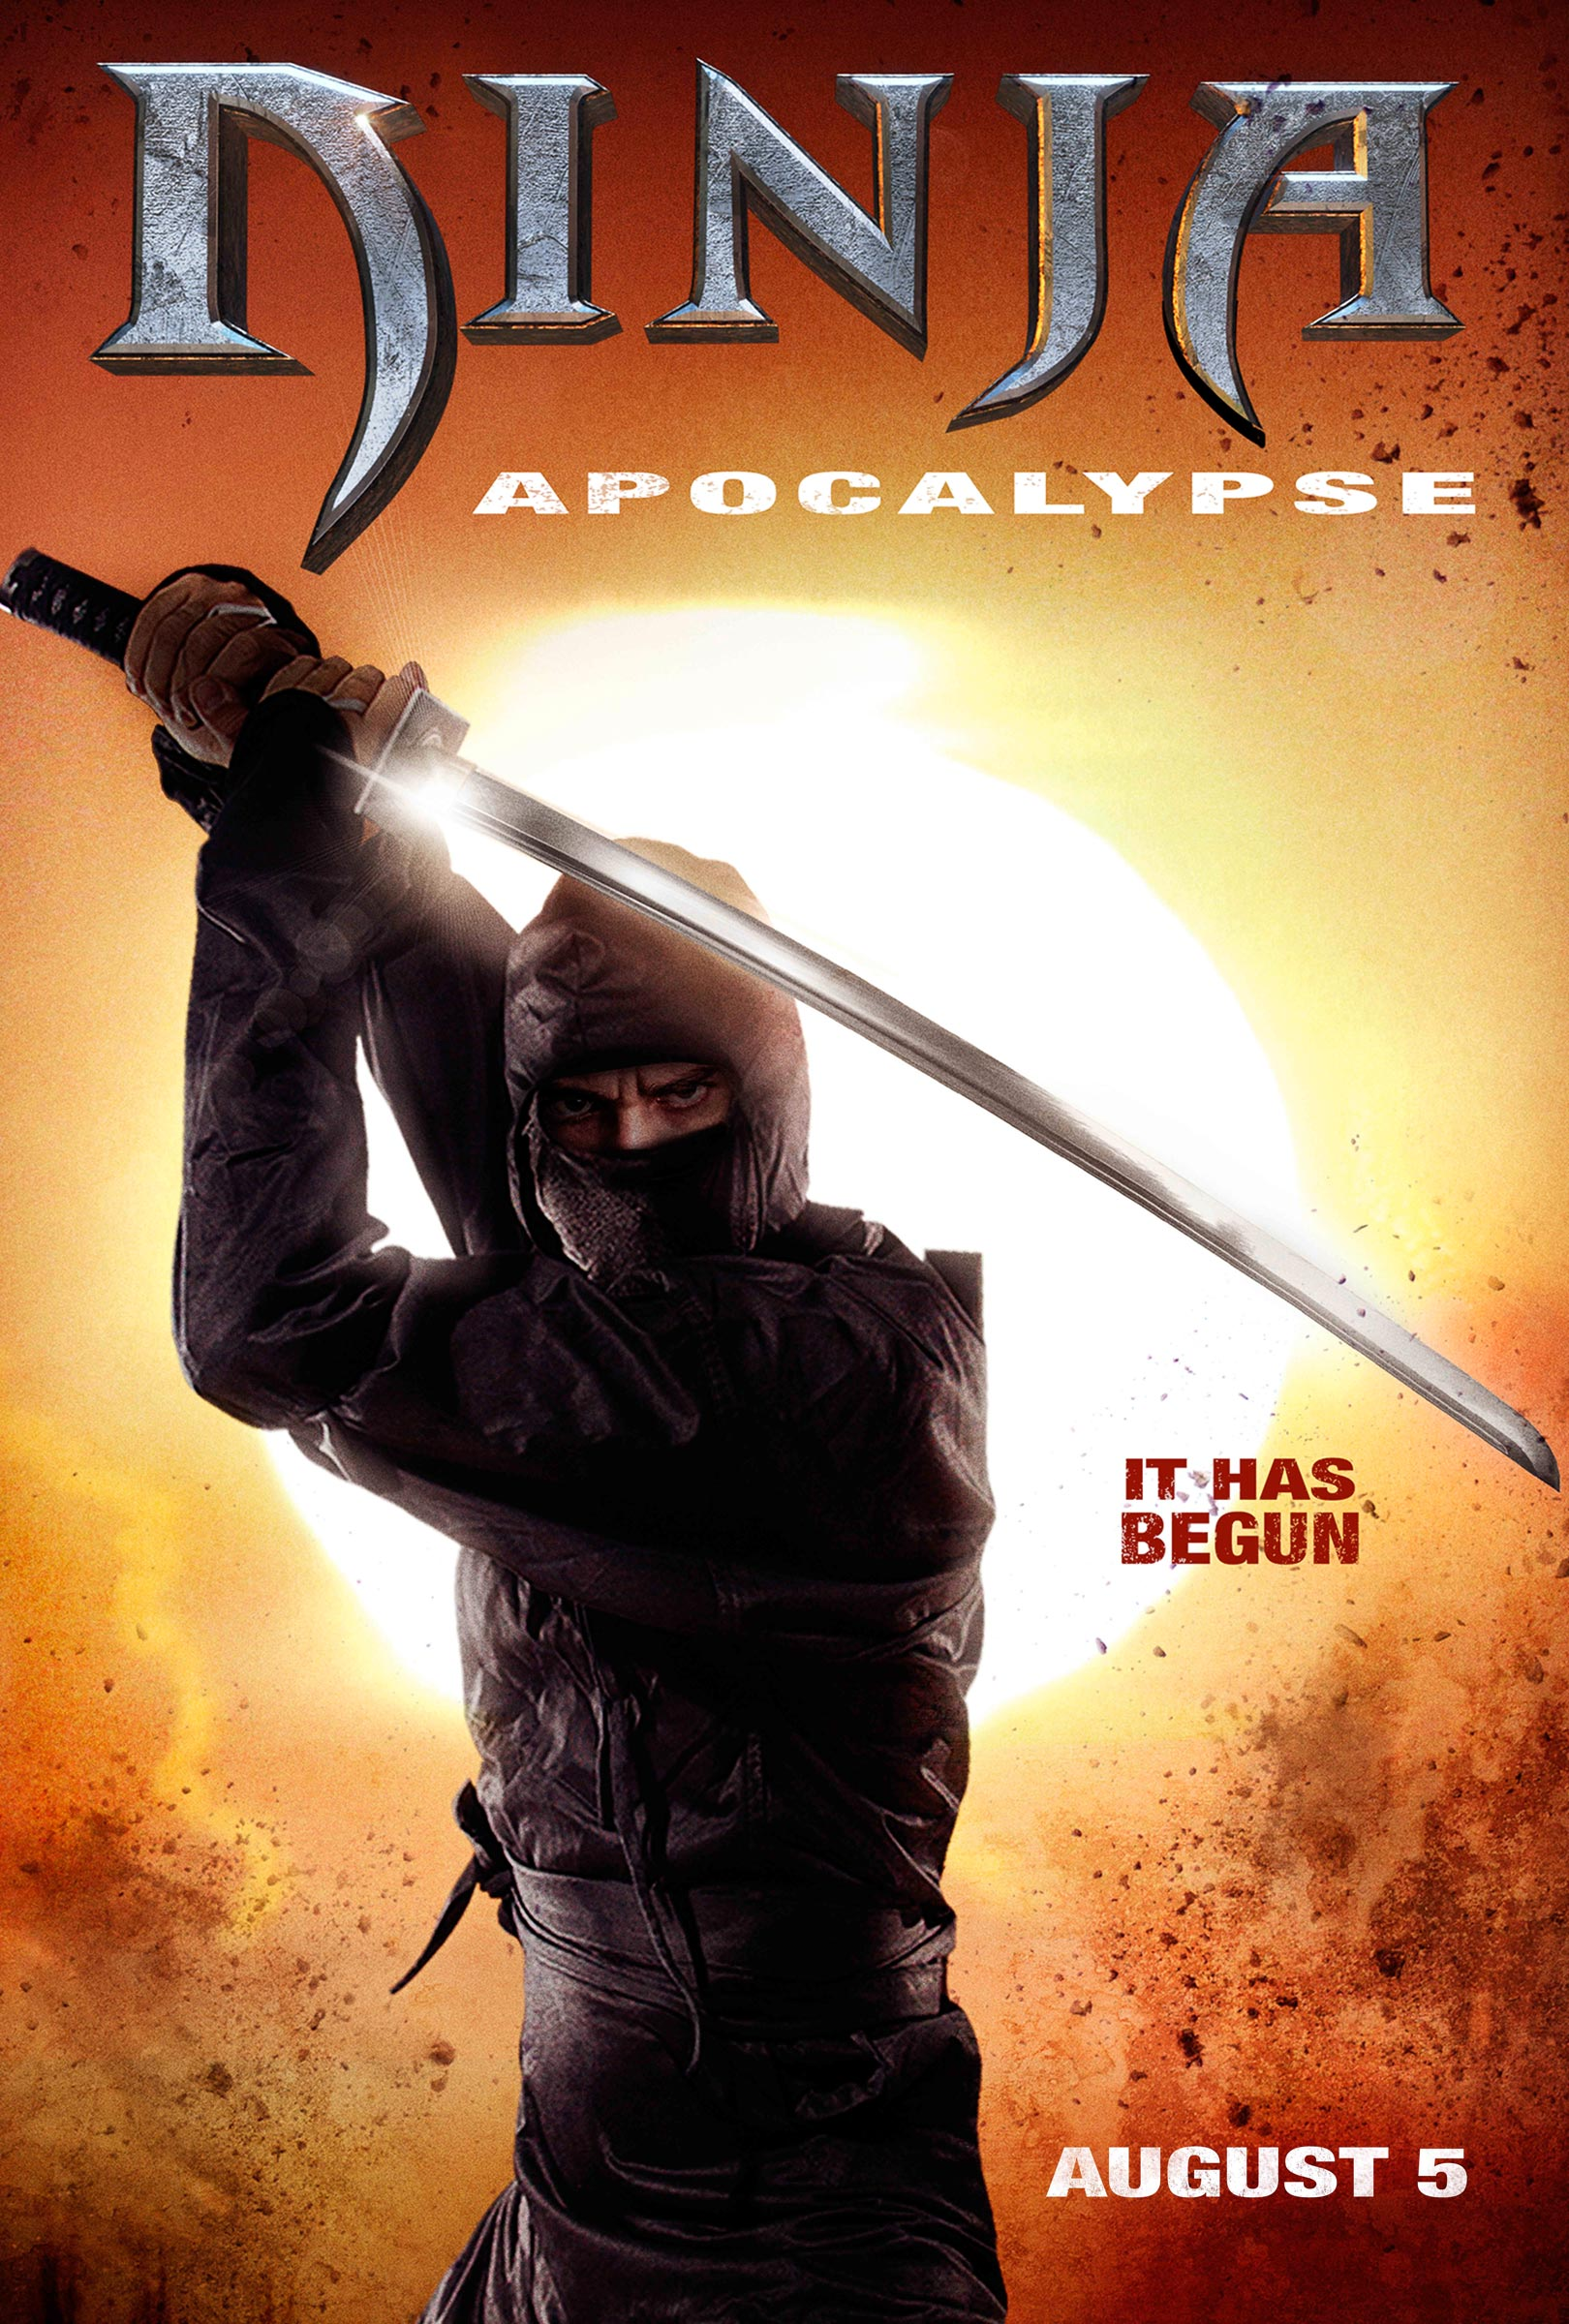 اکشن, دانلود, دانلود اکشن, دانلود بهترین فیلم های اکشن 2014, دانلود جدید ترین فیلم های اکشن, دانلود رایگان فیلم اکشن Ninja Apocalypse 2014, دانلود رایگان فیلم اکشن Ninja Apocalypse 2014 با لینک مستقیم, دانلود رایگان فیلم تخیلی Ninja Apocalypse 2014, دانلود رایگان فیلم های اکشن, دانلود رایگان فیلم های اکشن 2014 با کیفیت 720p, دانلود رایگان فیلم های جدید اکشن, دانلود رایگان فیلم هیجانی Ninja Apocalypse 2014, دانلود رایگان فیلم Ninja Apocalypse 2014, دانلود رایگان فیلم Ninja Apocalypse 2014 با کیفیت HD, دانلود فیلم اکشن Ninja Apocalypse 2014 با لینک مستقیم, دانلود فیلم اکشن Ninja Apocalypse 2014 با کیفیت 720p, دانلود فیلم های اکشن, دانلود فیلم های اکشن 2014, دانلود فیلم های اکشن 2014 با لینک مستقیم, دانلود فیلم های جدید و اکشن 2014, دانلود فیلم Ninja Apocalypse 2014, دانلود فیلم Ninja Apocalypse 2014 با کیفیت 720p, دانلود Ninja Apocalypse 2014, سایت فیلم, سرعت, فیلم, Ninja Apocalypse 2014